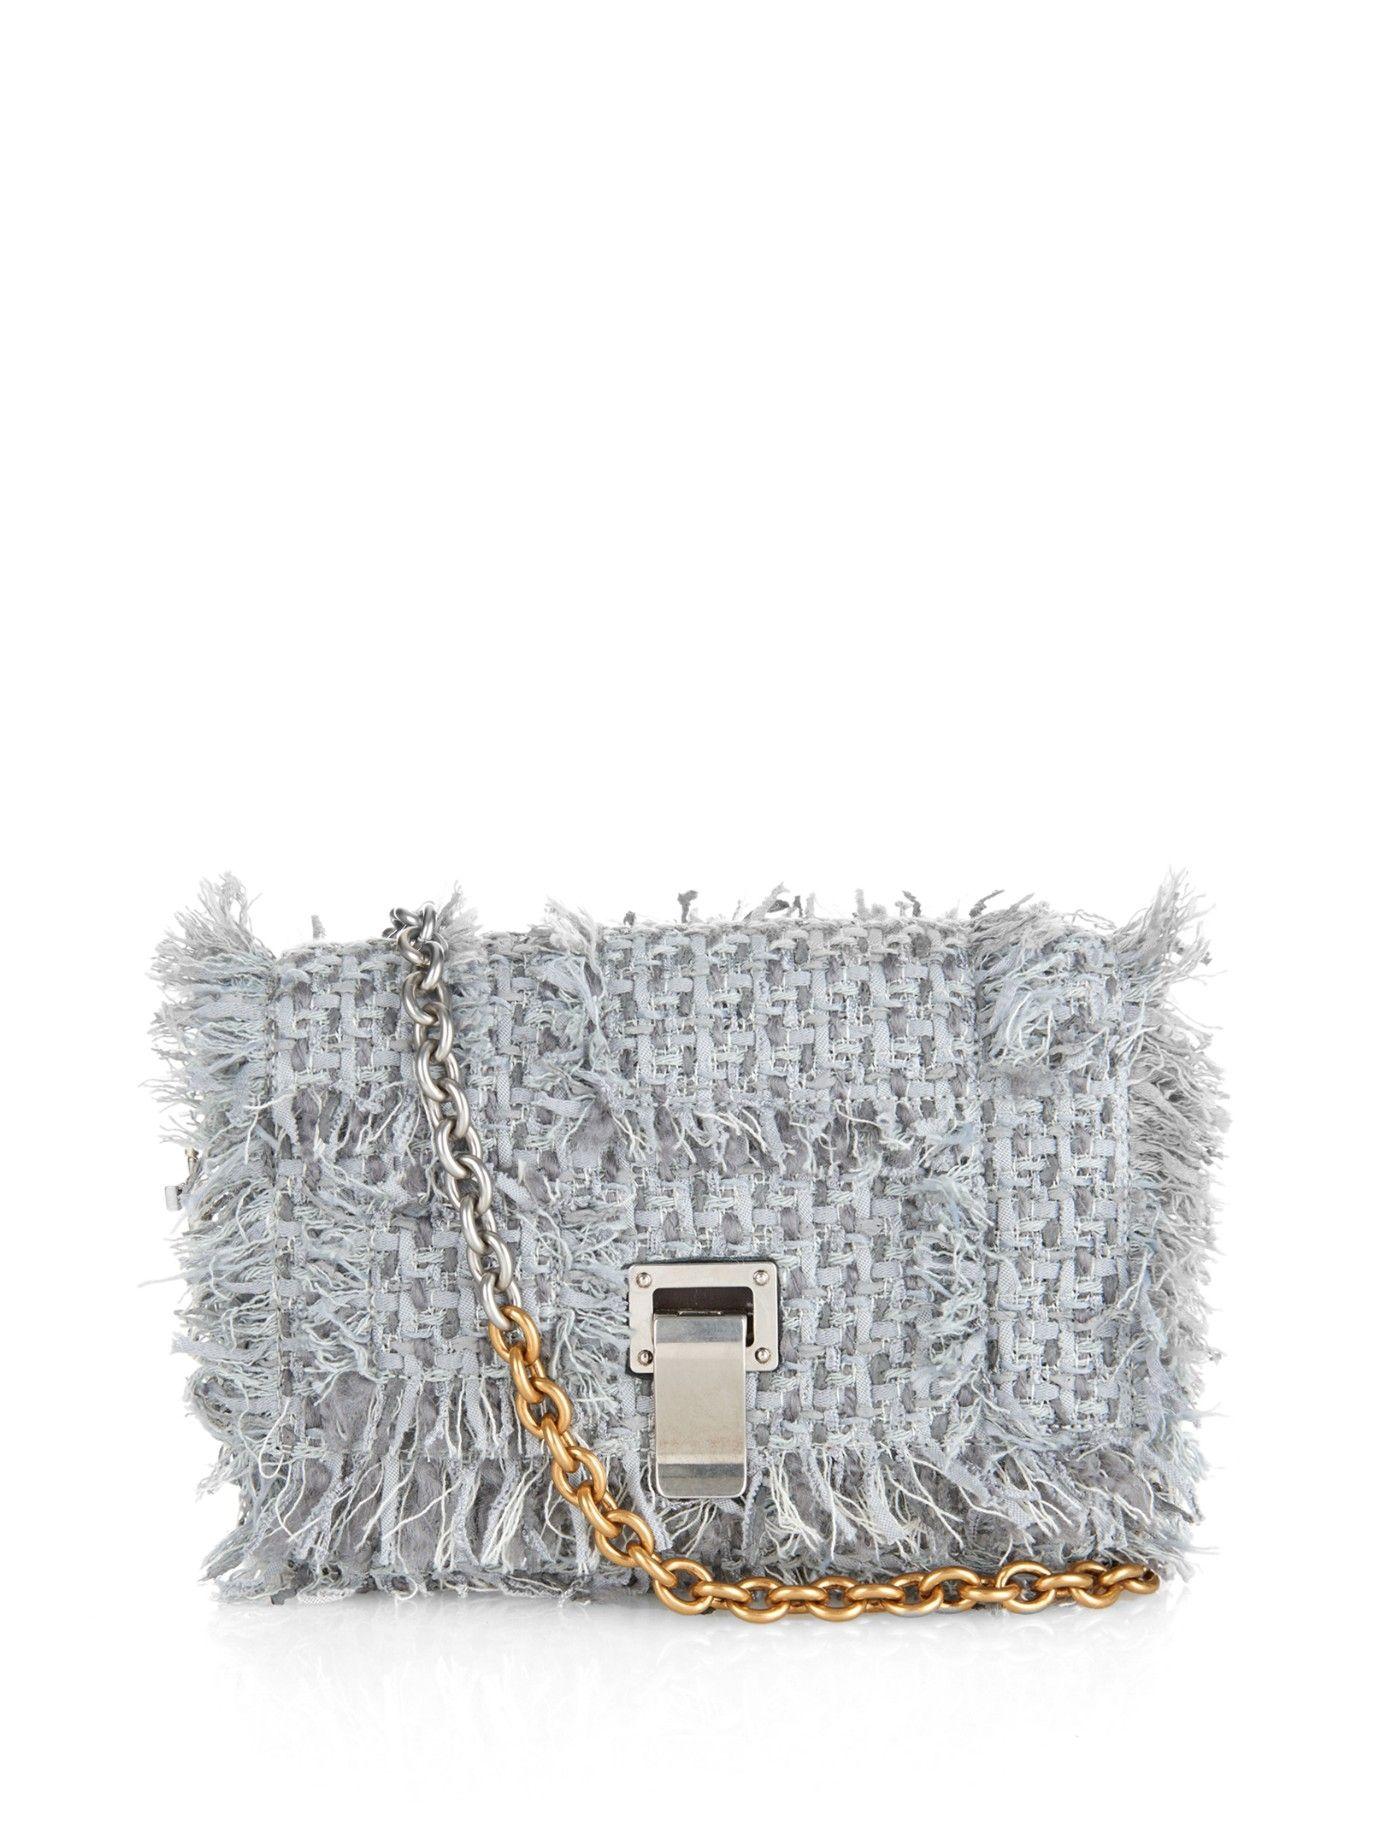 XS Courier tweed shoulder bag   Proenza Schouler